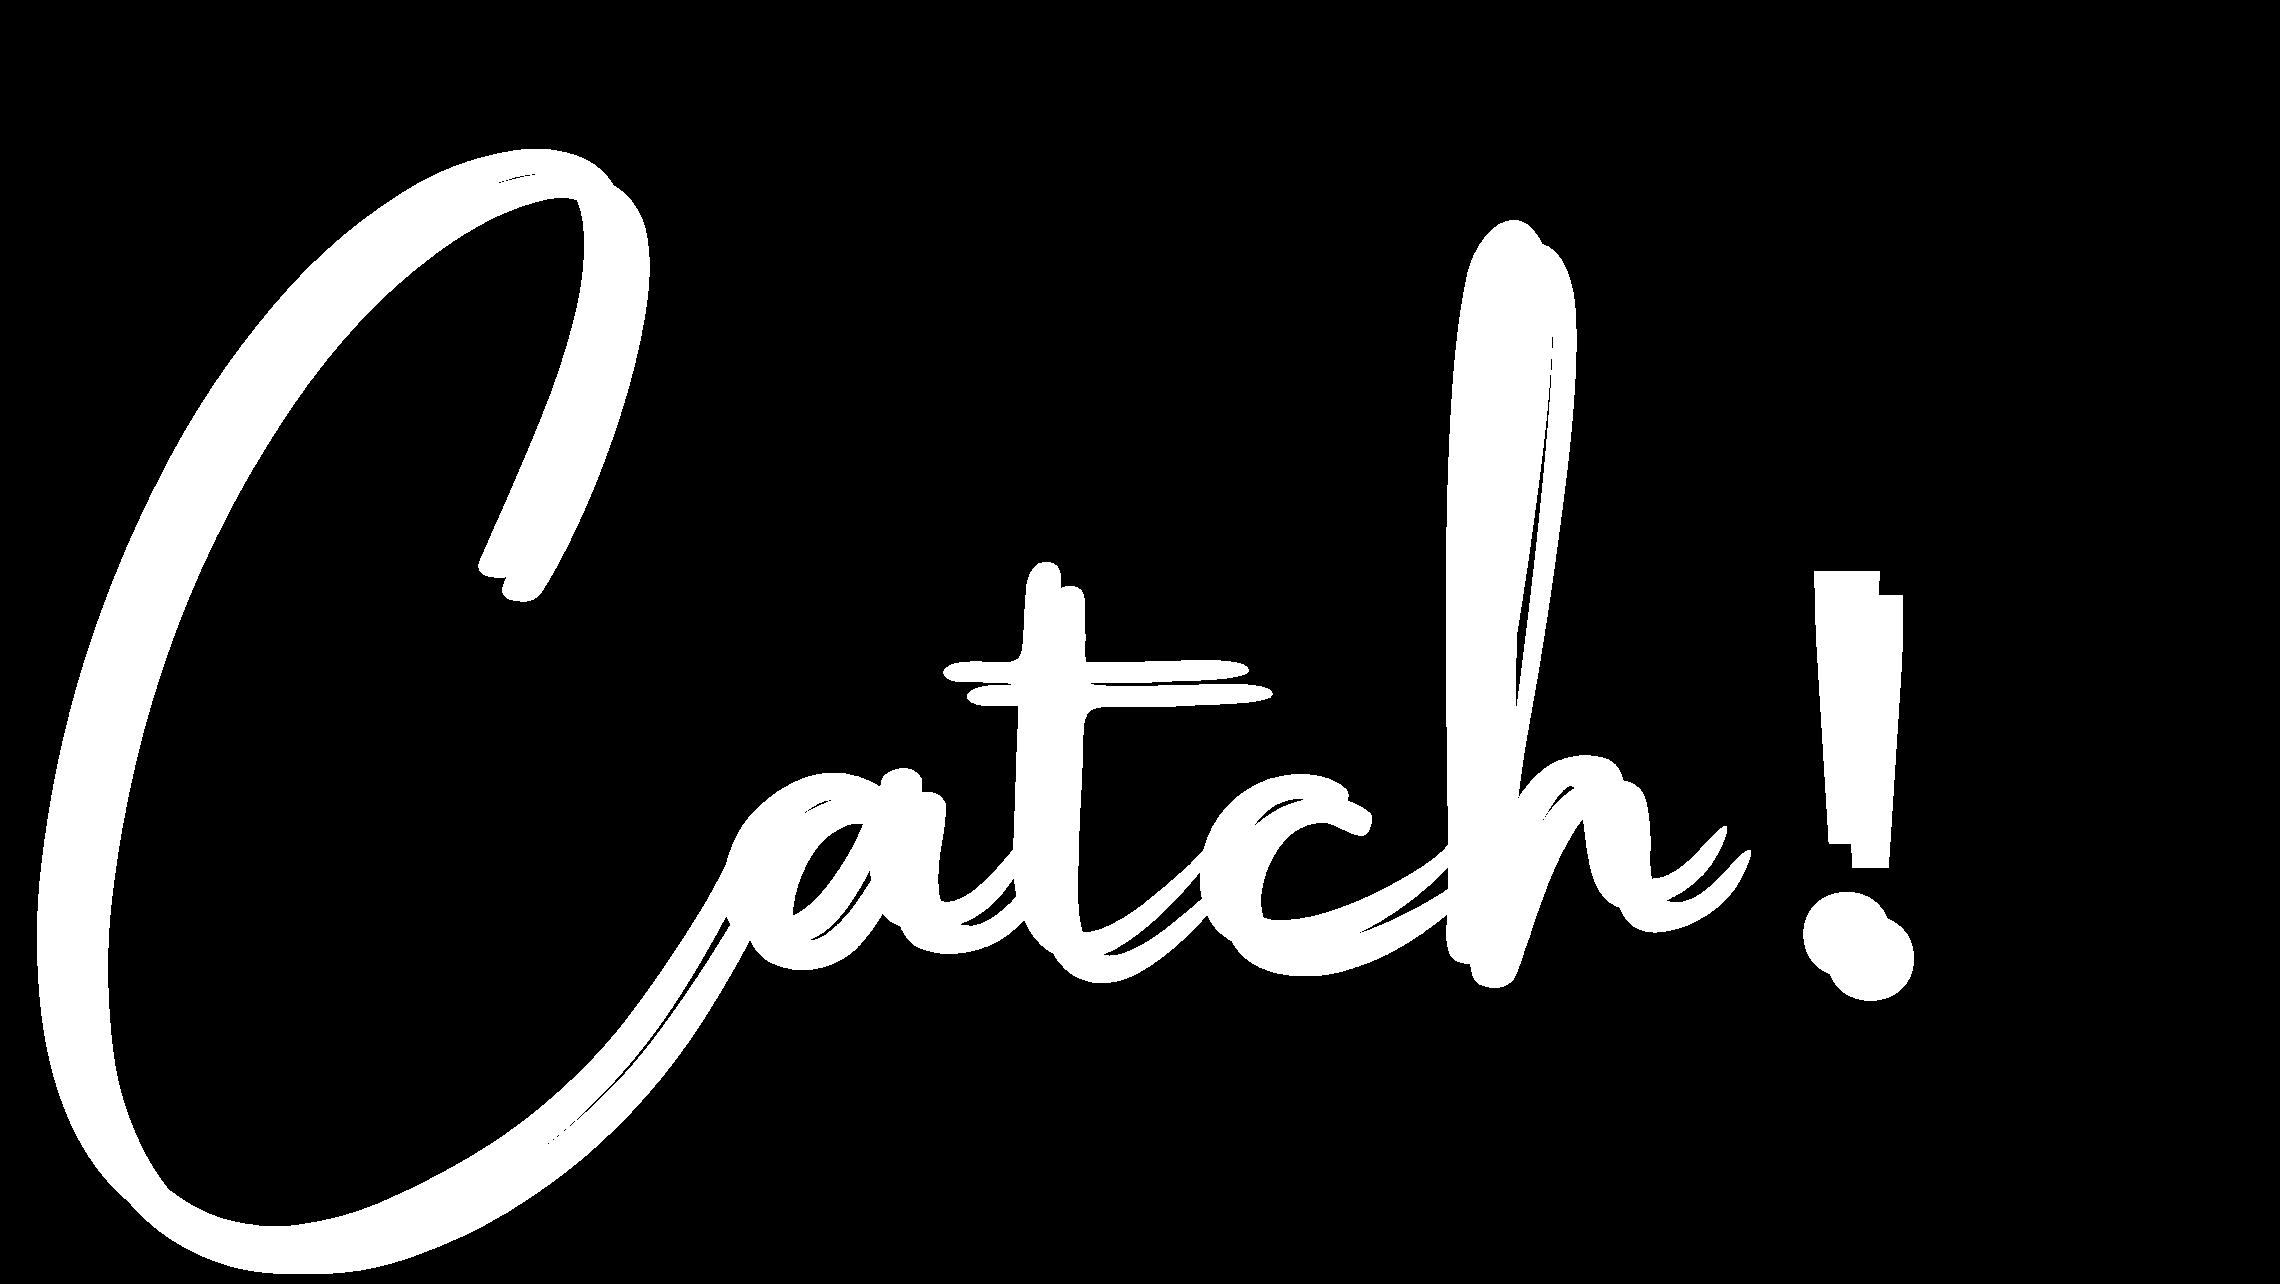 Catch!|知りたいニュースをサクッとお届け